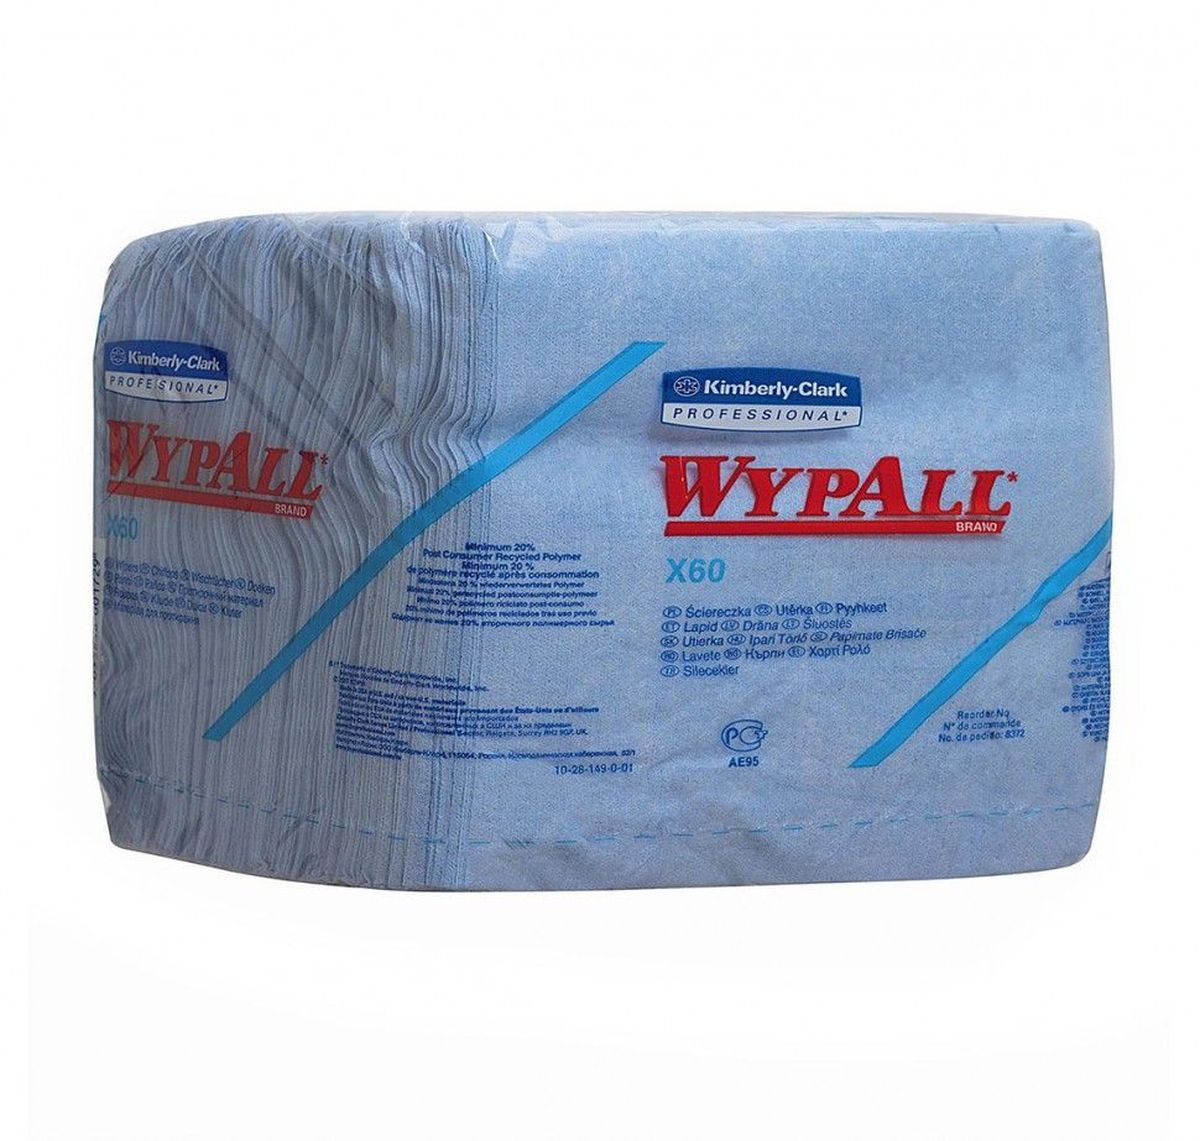 Полотенца бумажные Wypall Х60, 76 шт98299571Бумажные полотенца Wypall Х60 обладают отличной впитывающей способностью, долговечностью и прочностью, как в сухом, так и во влажном состоянии. Полотенца могут использоваться с большинством растворителей, обеспечивают быструю очистку и помогают сократить расходы. Подходят для работы по очистке от клея, масла, мусора, стекол, а также для прецизионной очистки сложных механизмов и деталей.